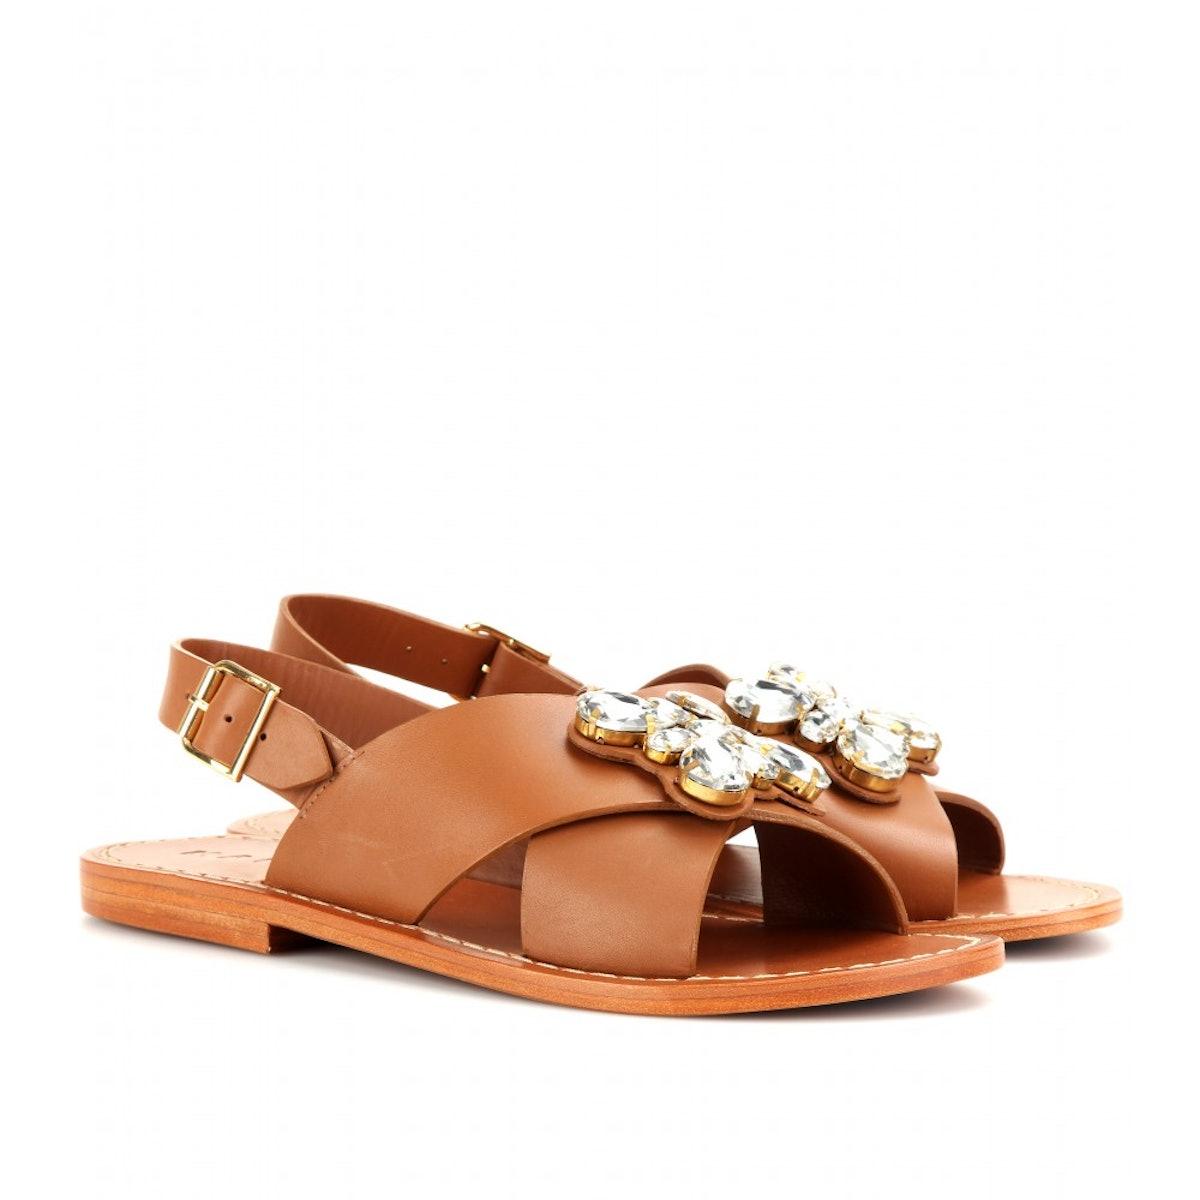 P00084326-Embellished-leather-sandals-STANDARD